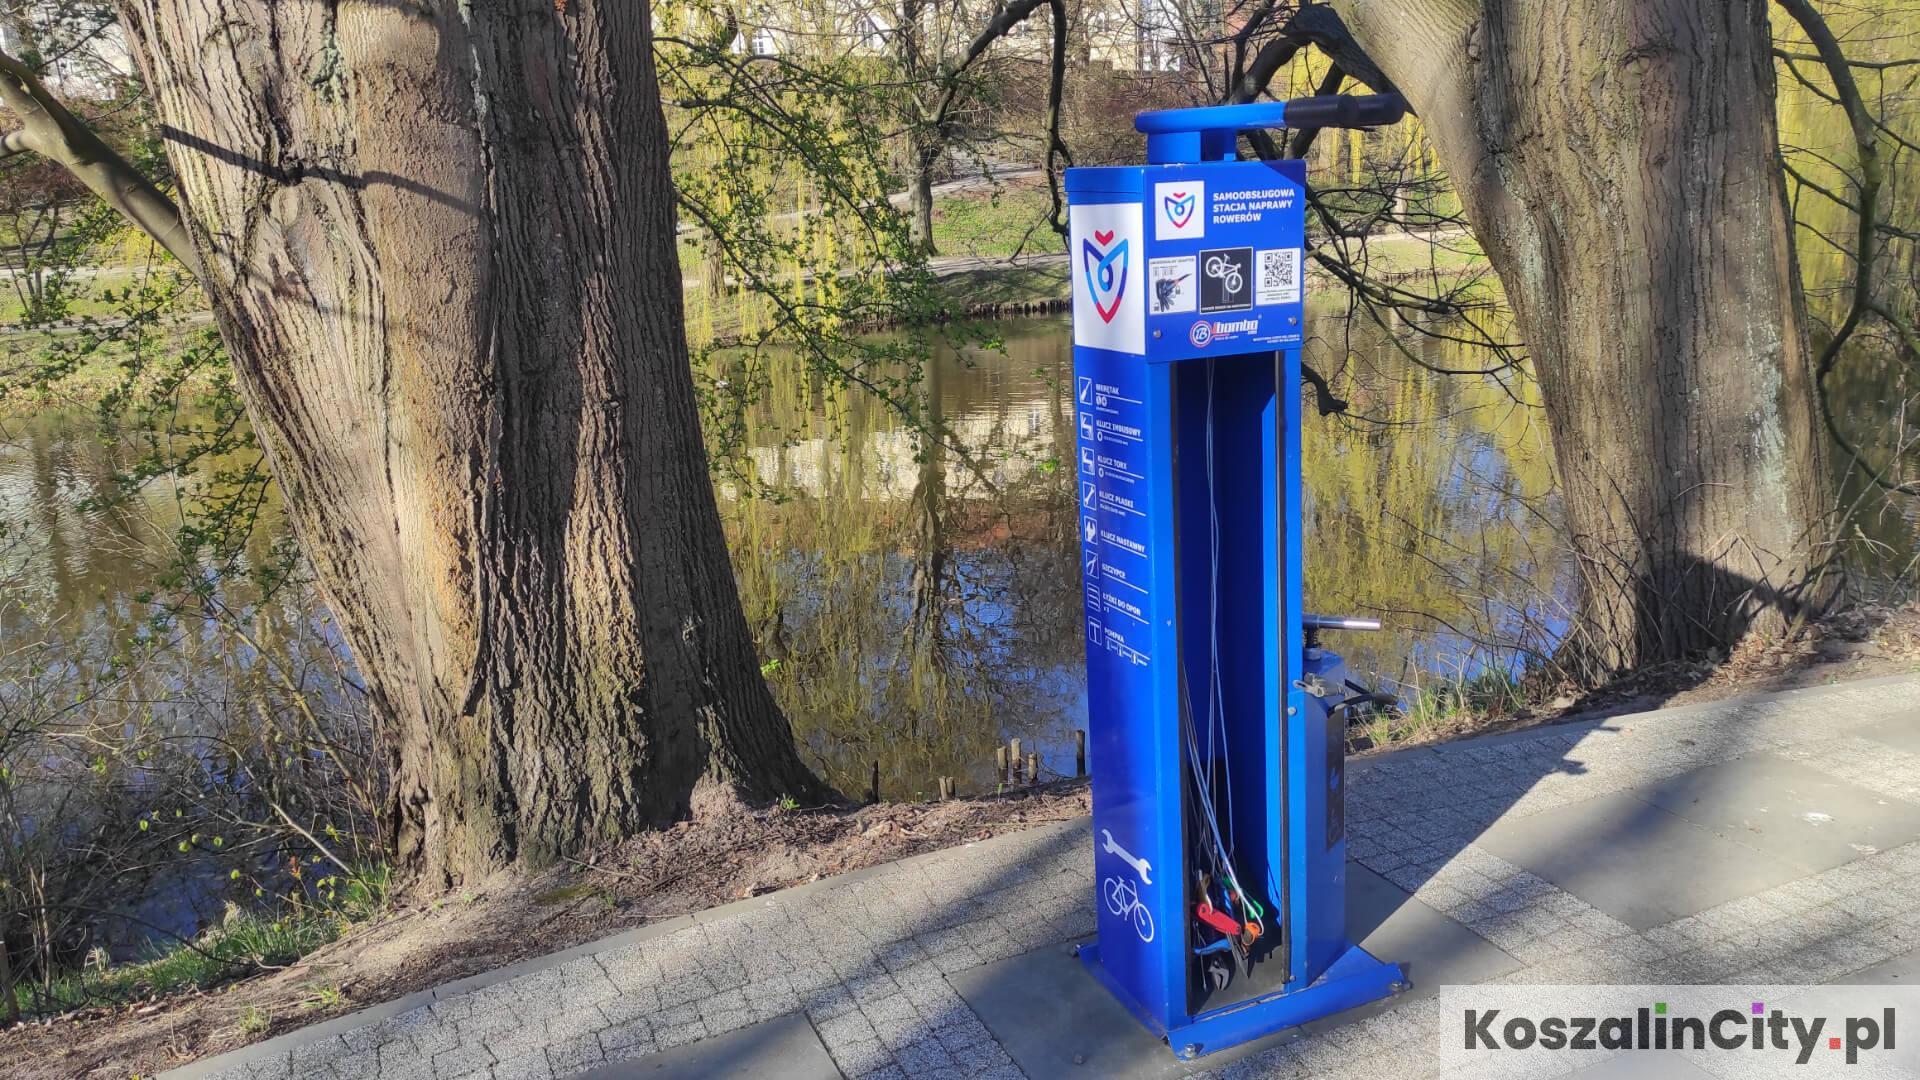 Stacja rowerowa przy parku w Koszalinie